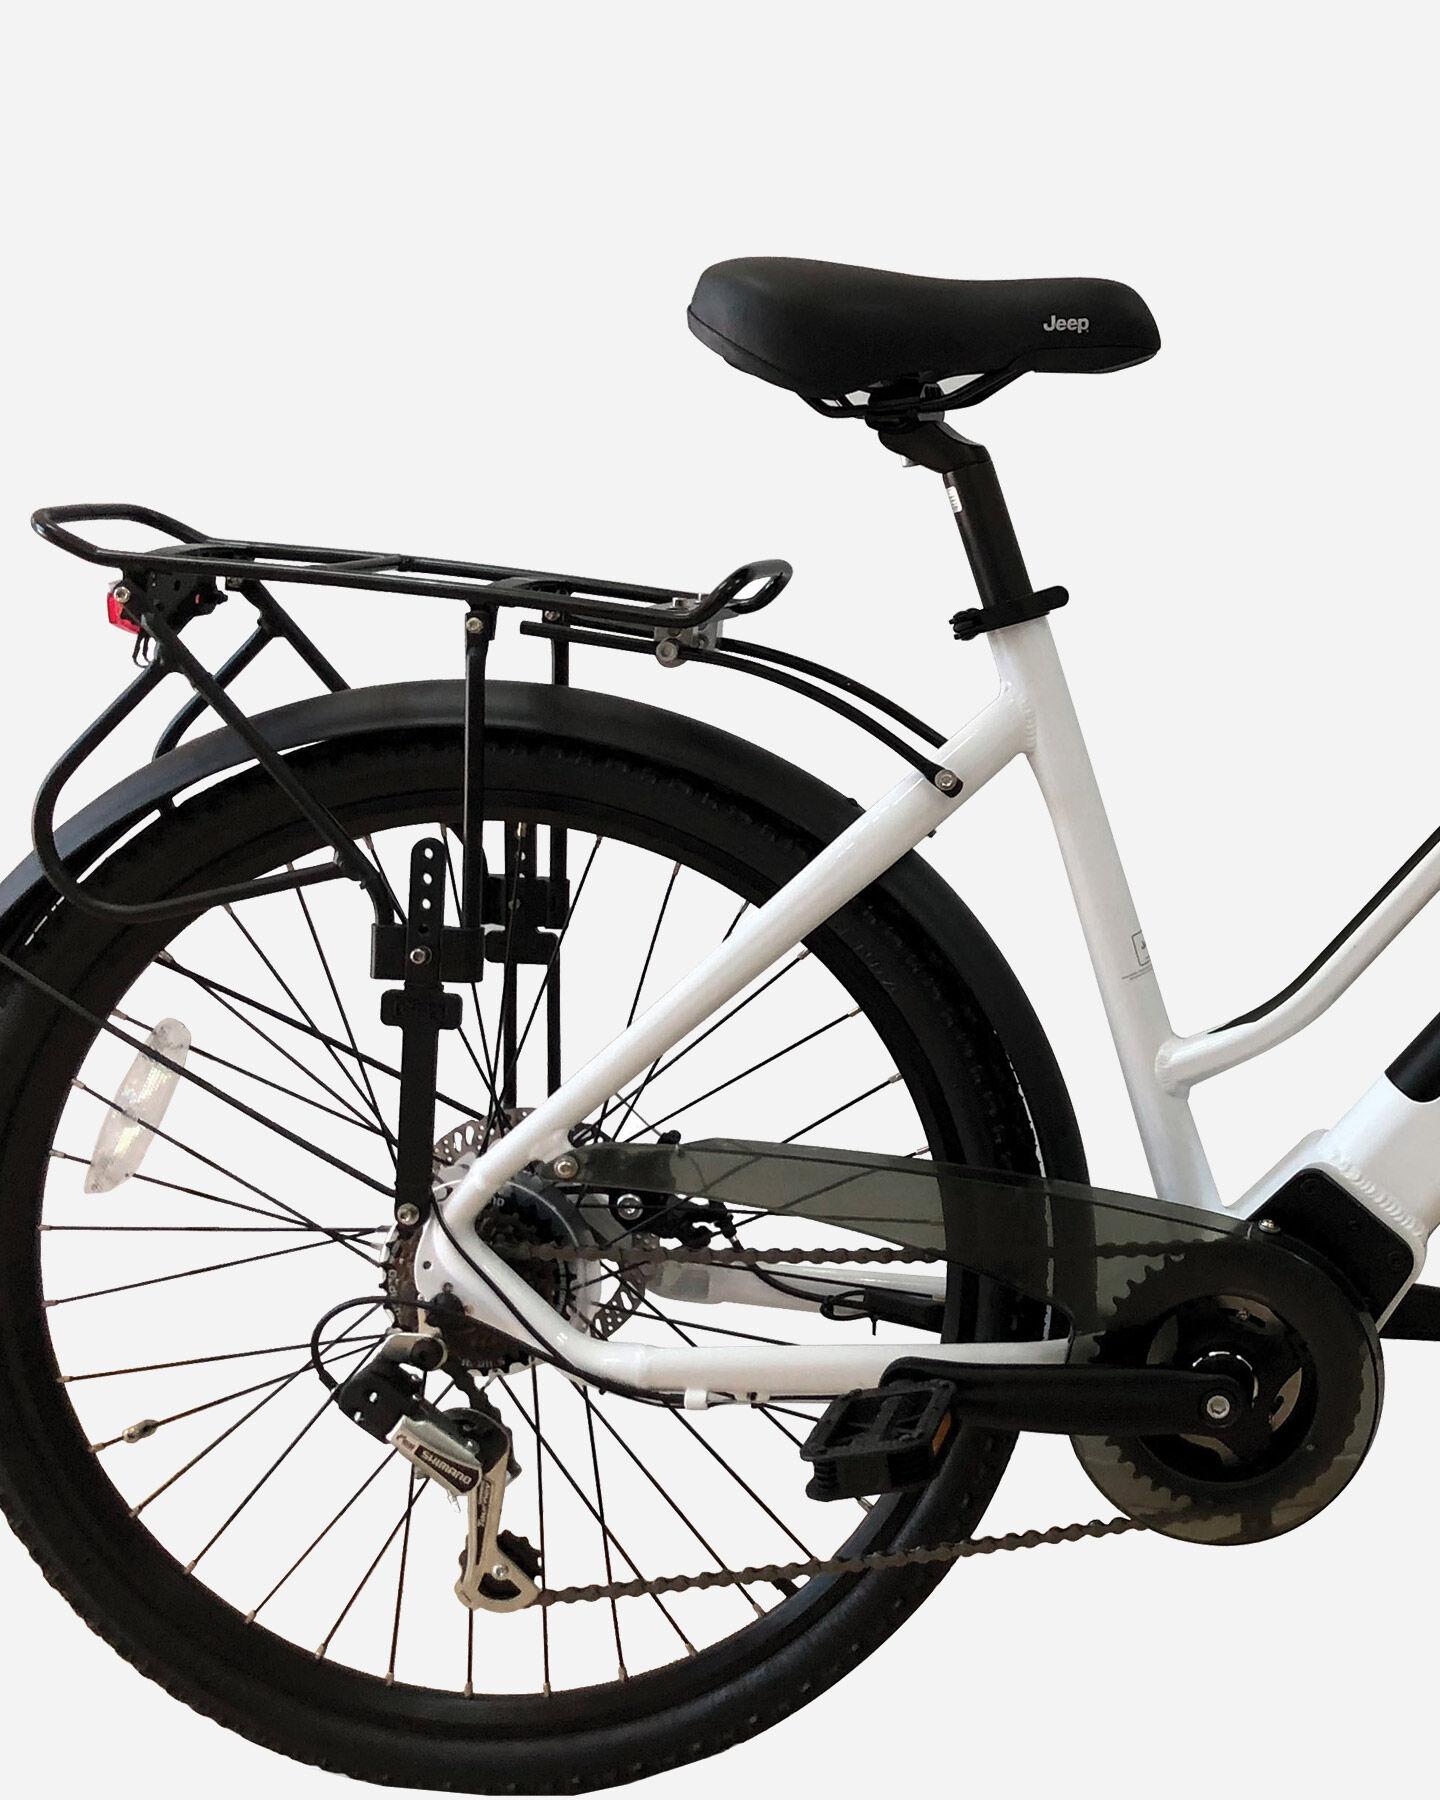 Bici elettrica JEEP E-BIKE TREKKING 26 S4078416 1 UNI scatto 1